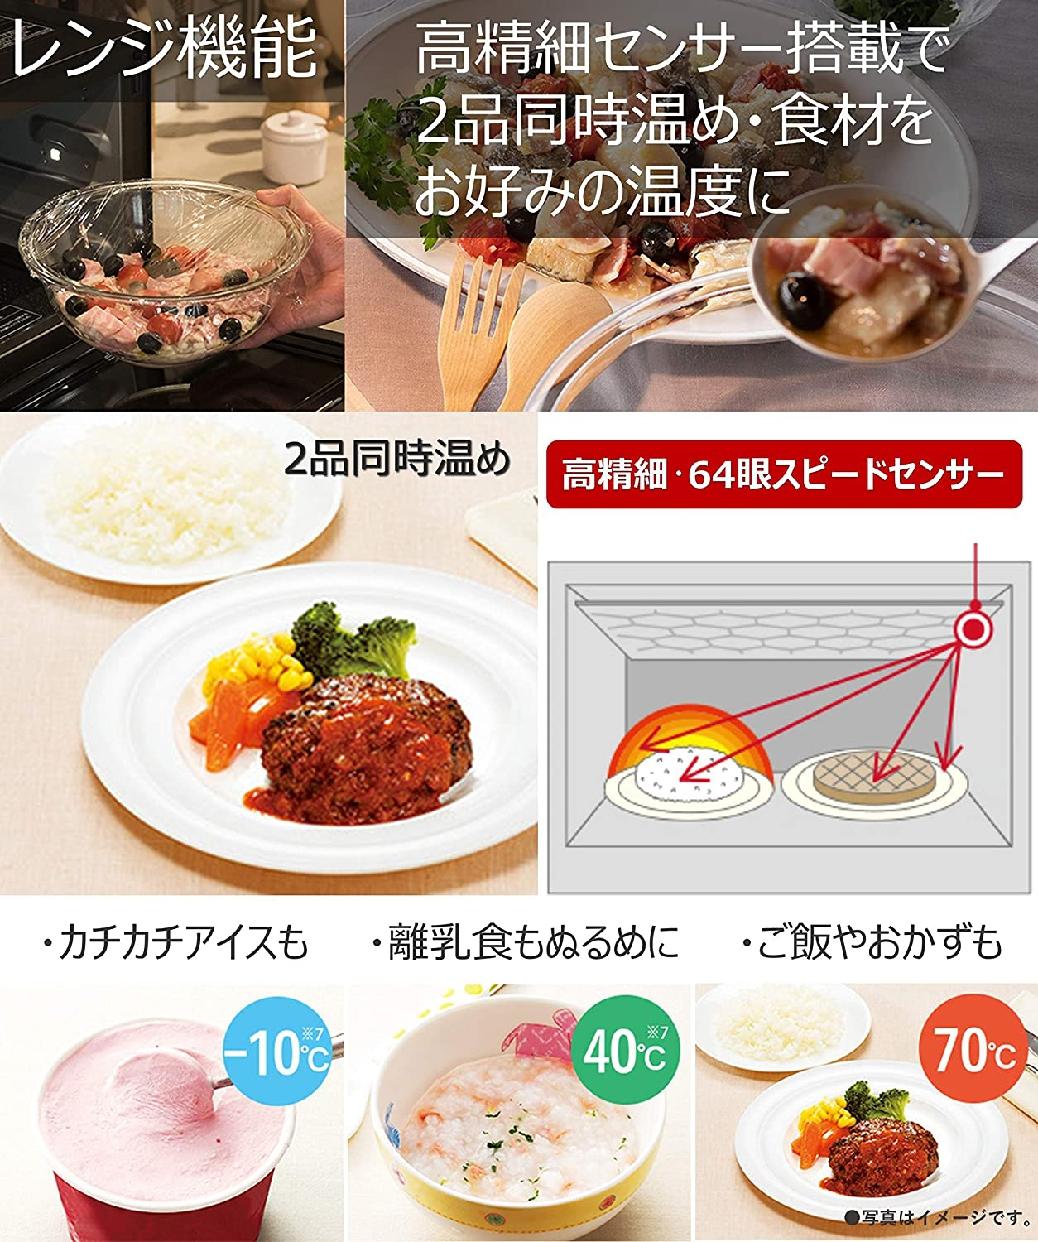 Panasonic(パナソニック) スチームオーブンレンジ NE-BS1600の商品画像3